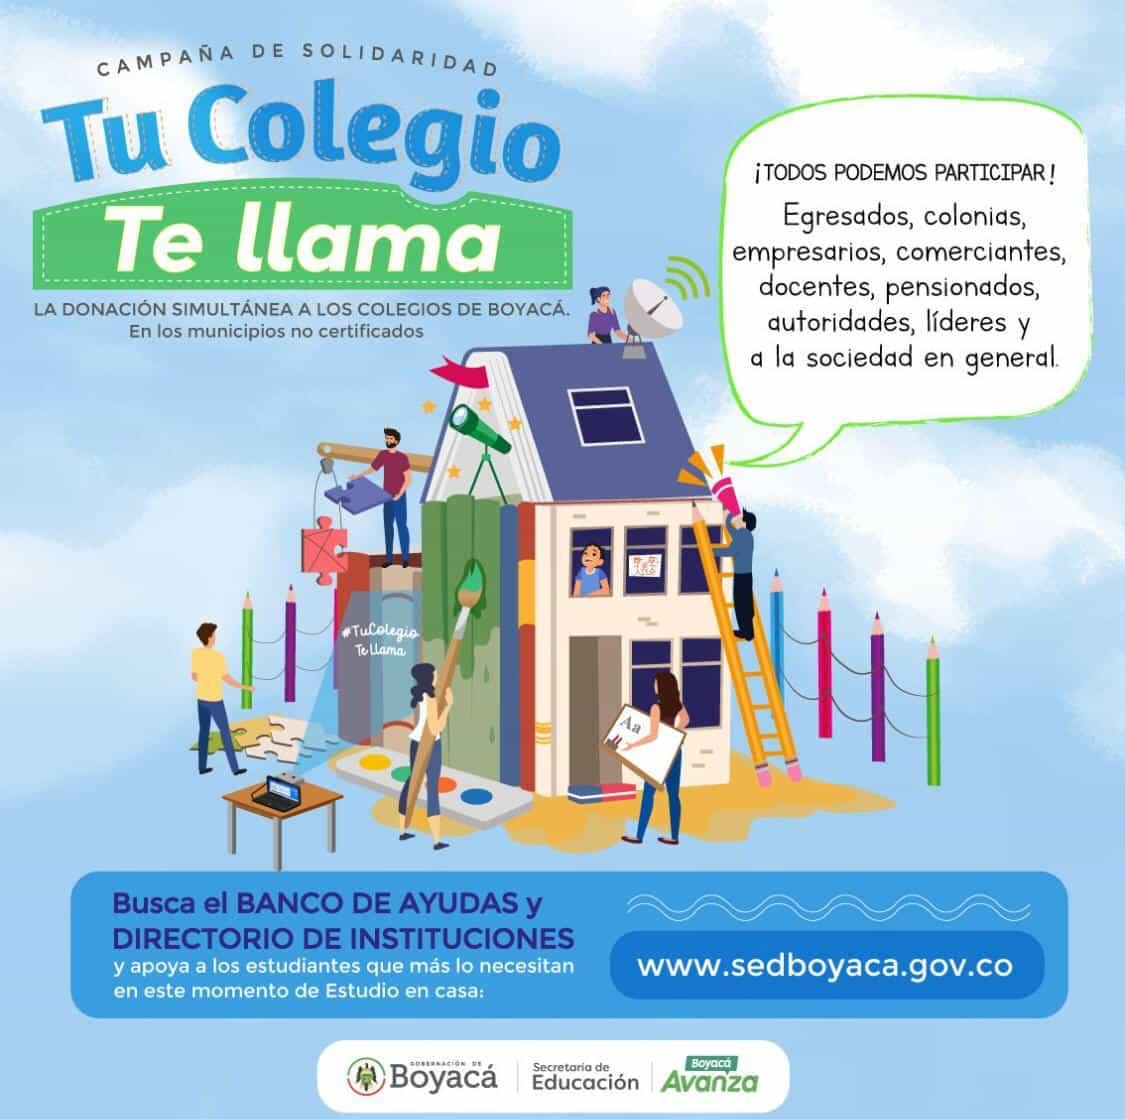 Lanzan campaña para apoyar a los estudiantes de Boyacá #TuColegioTeLlama 1